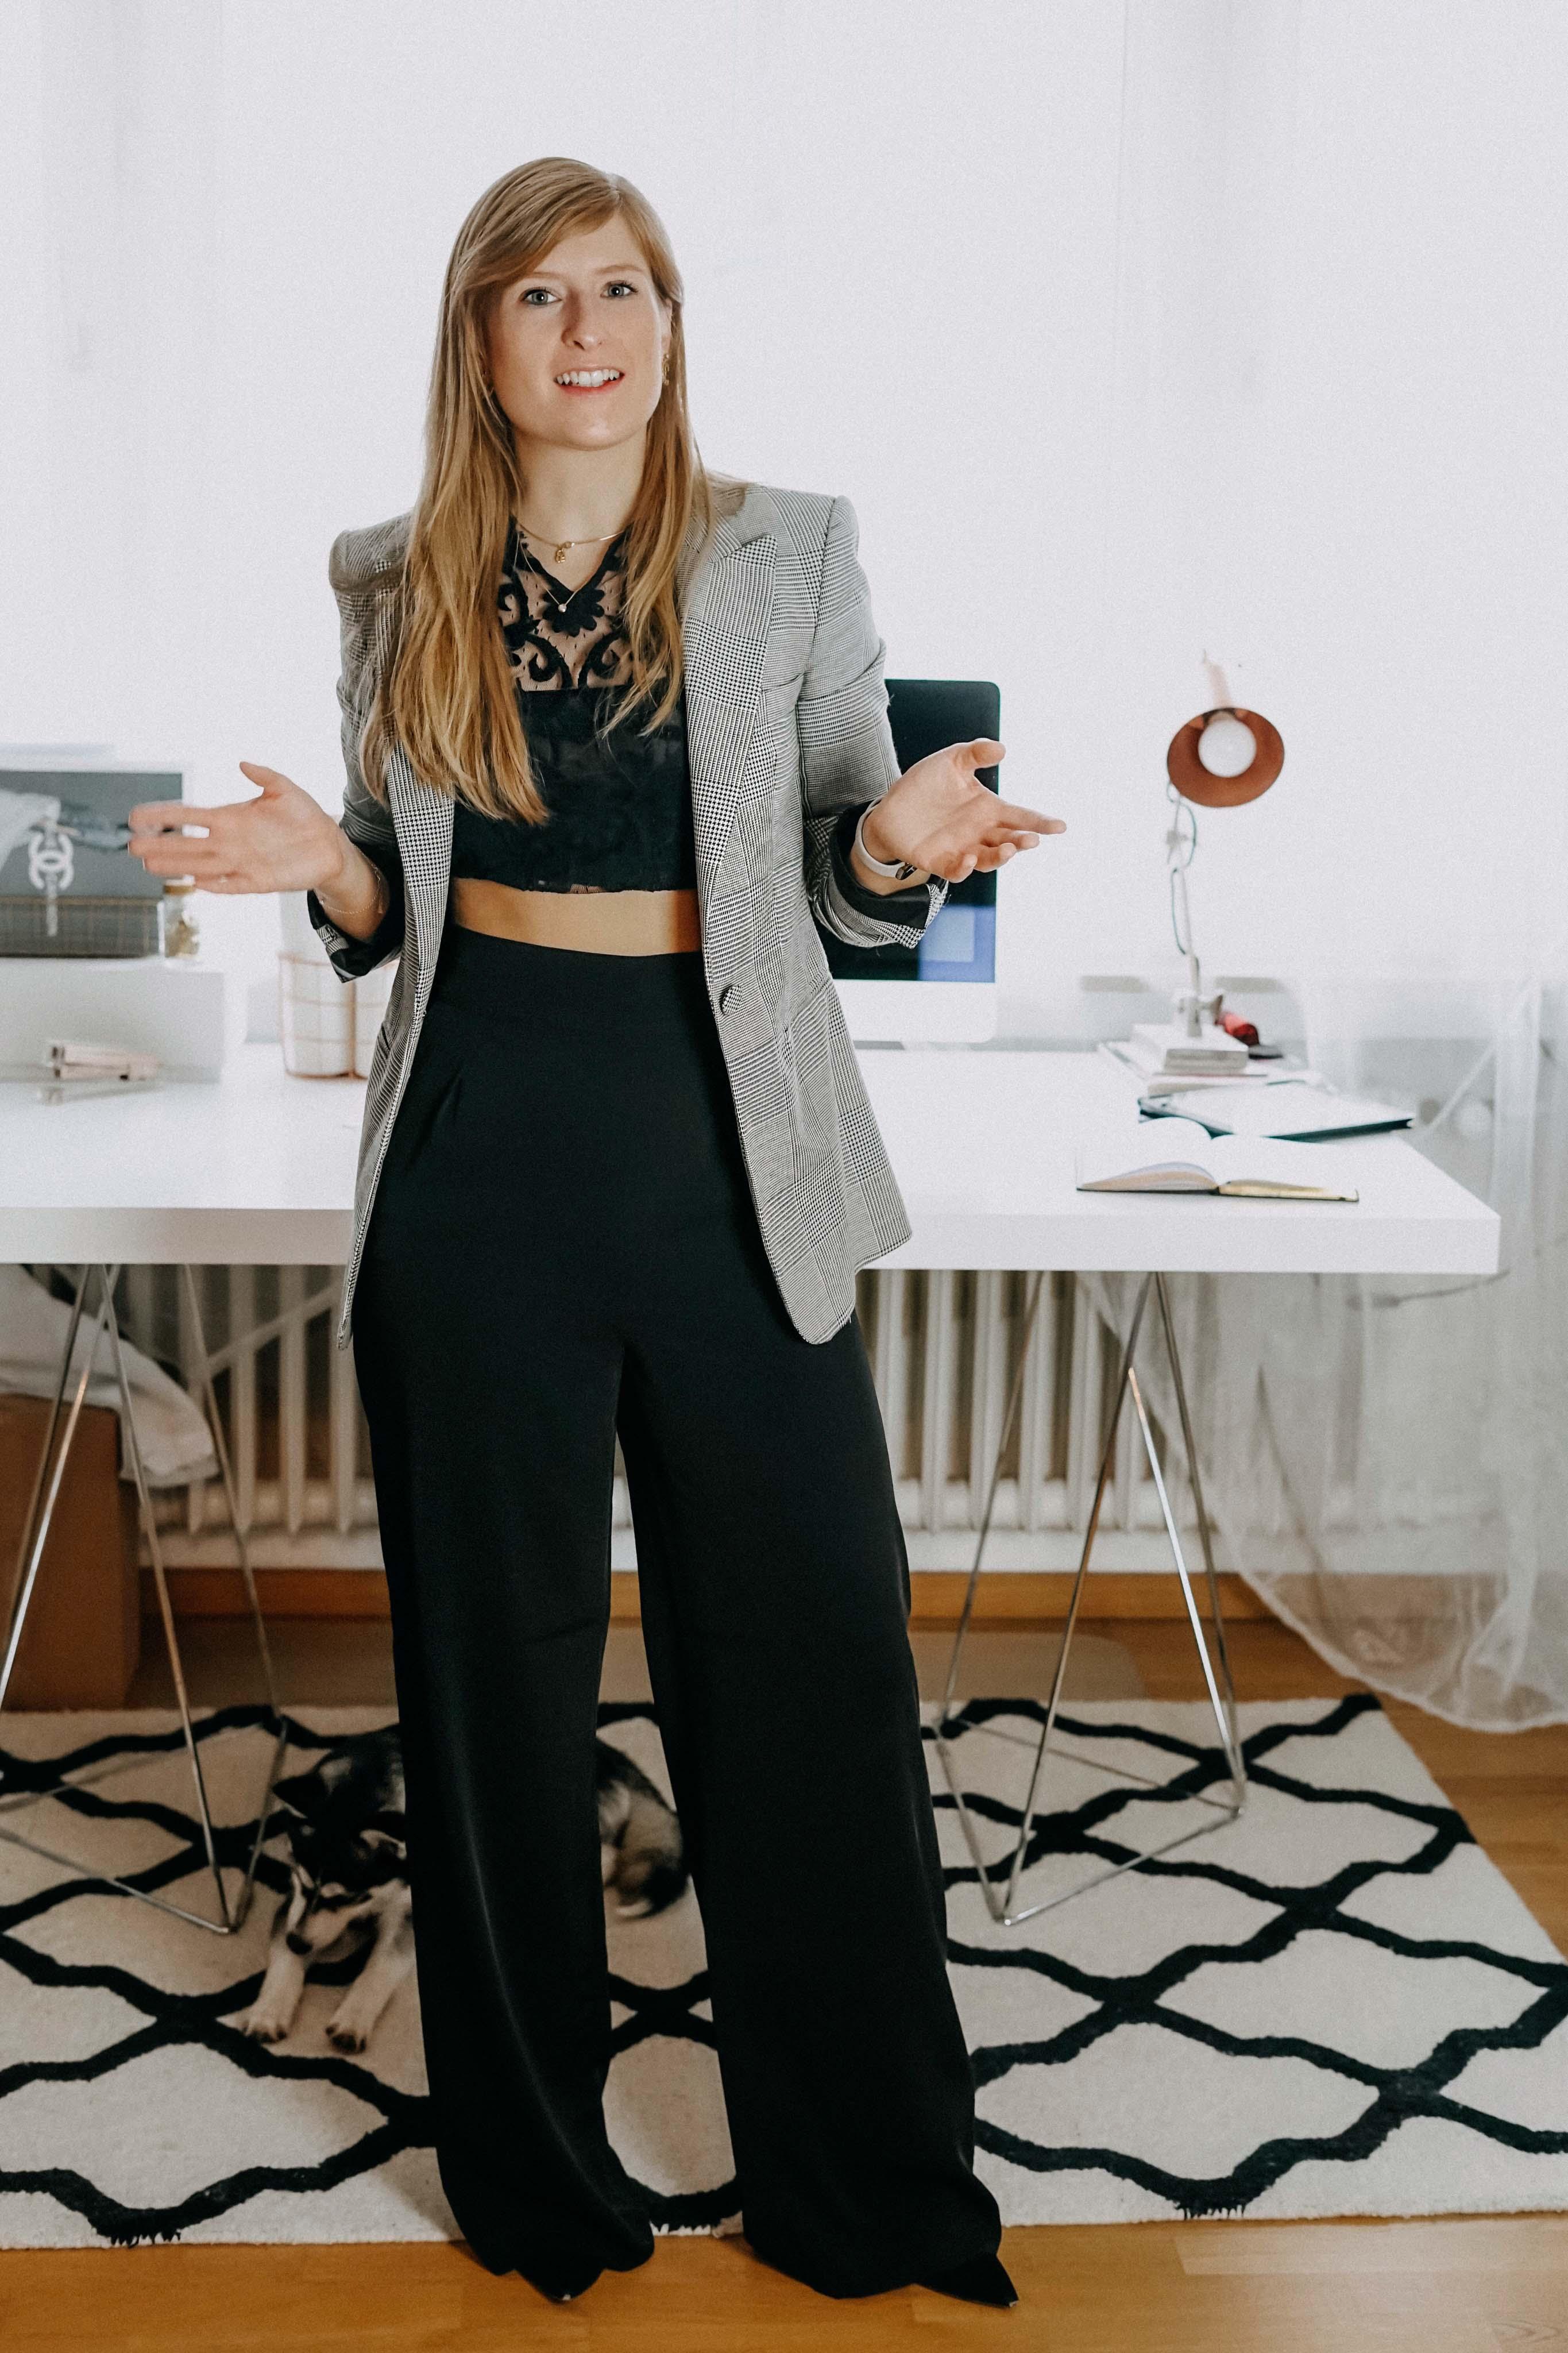 Karriere Tipp Vortrag halten Management Meetings Business Women Karrierefrau Was beachten Vortrag Regeln 2-2